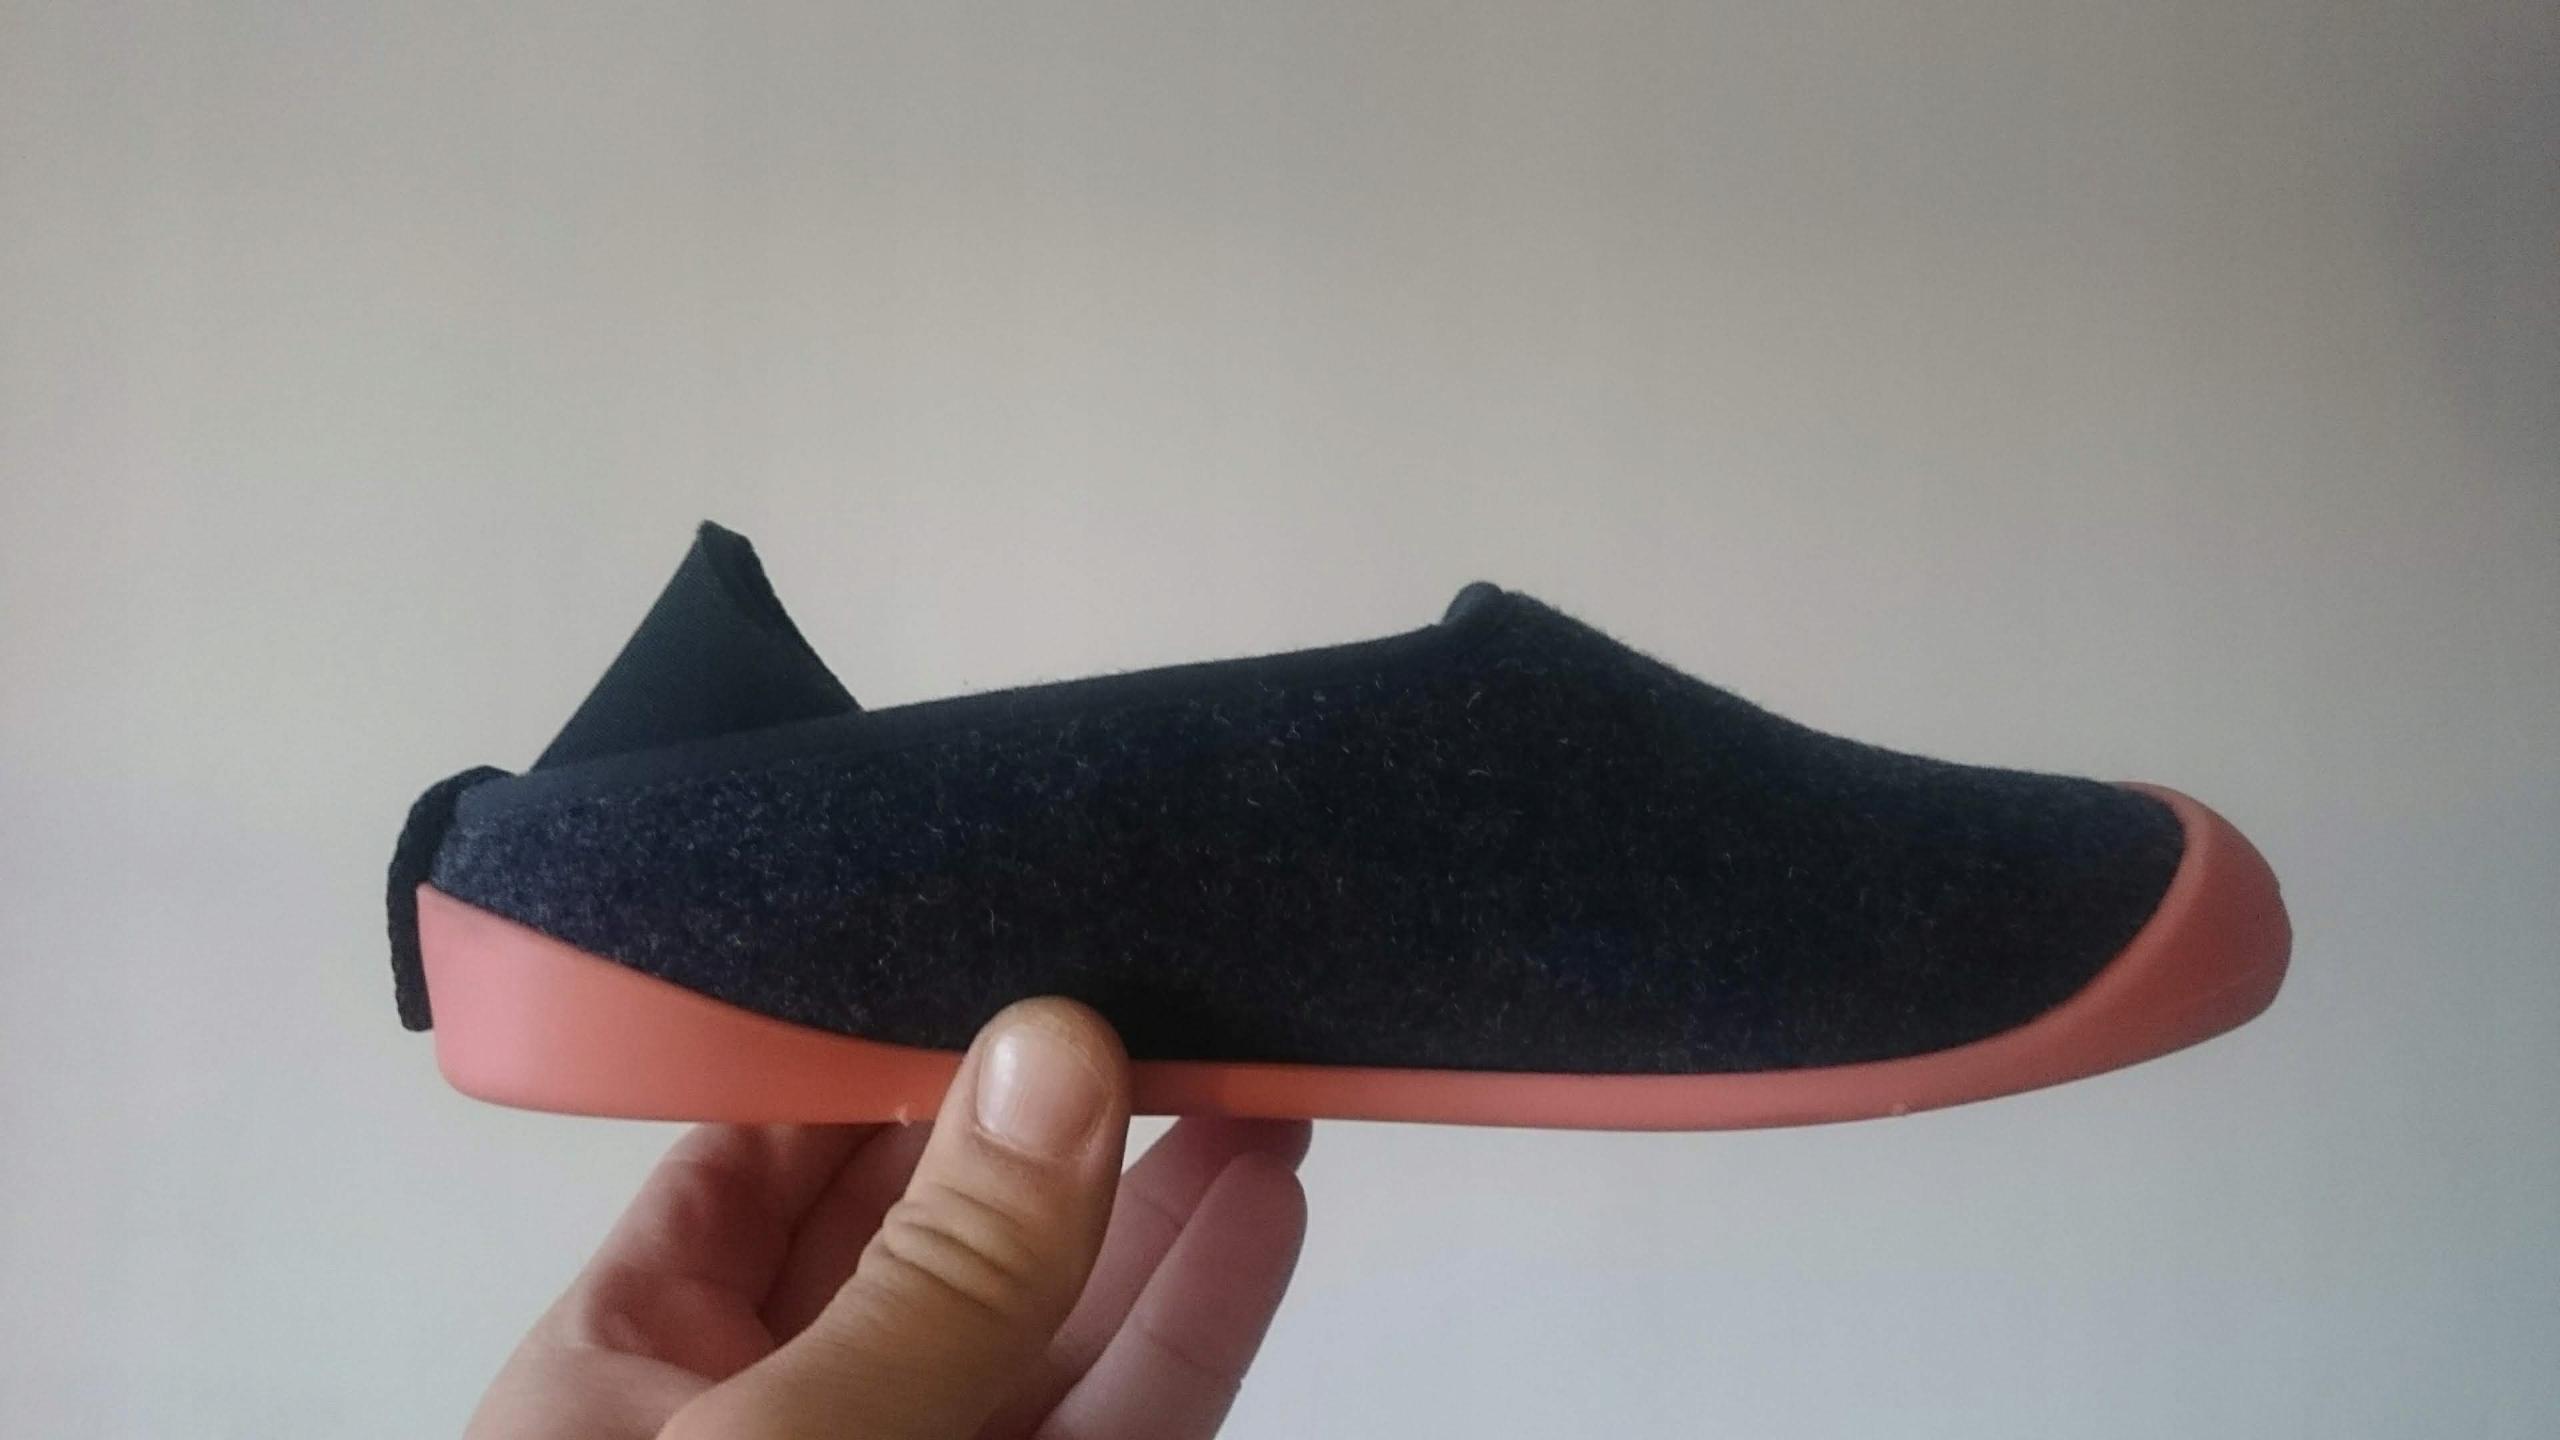 mahabis ciepłe kapcie / buty z dopinaną podeszwą